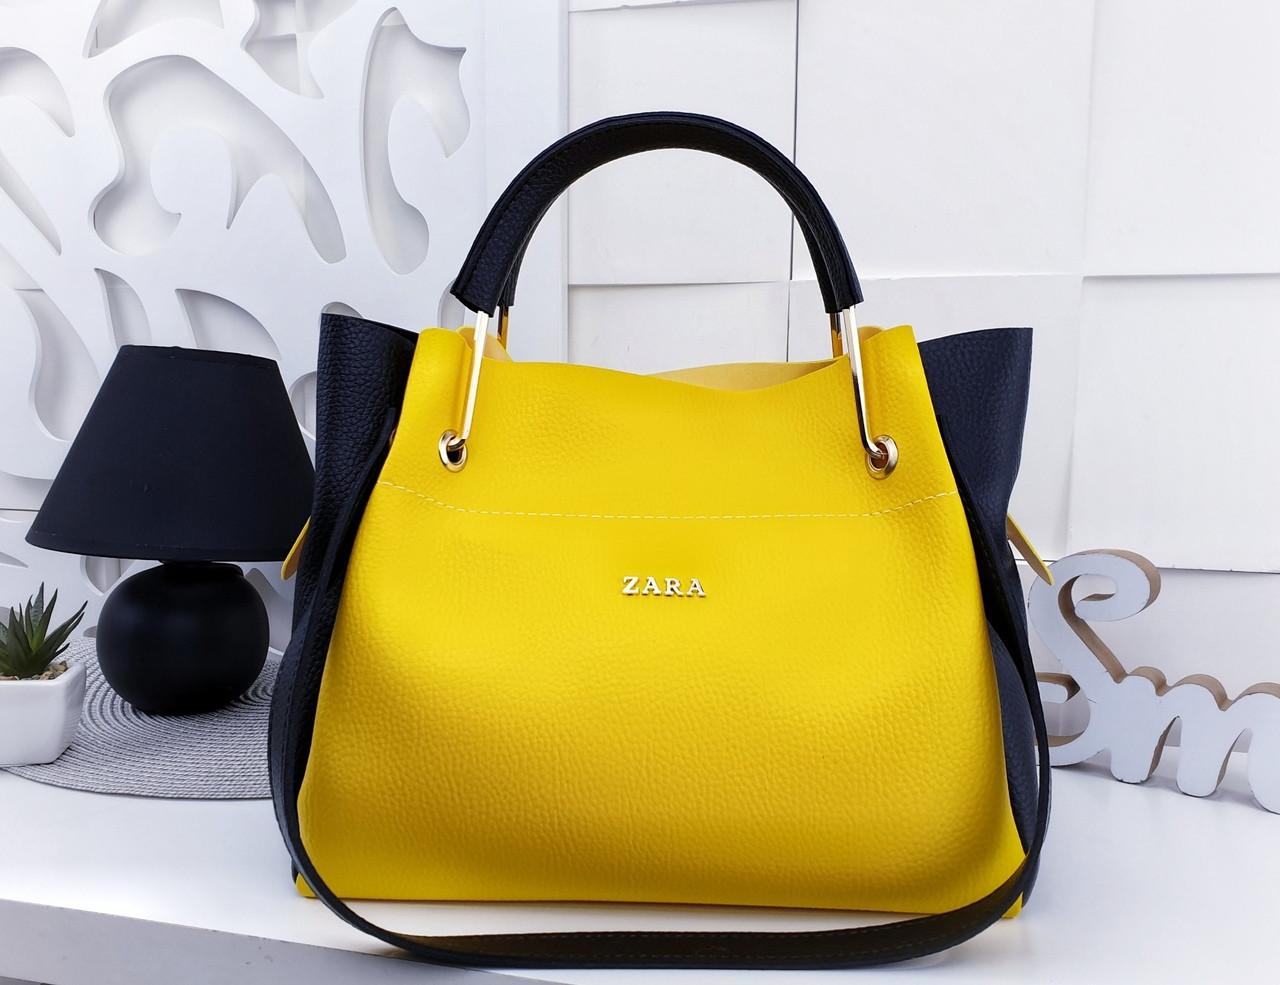 41029952fd3f Женская сумка Zara (копия), из структурной эко кожи в желто-черном цвете